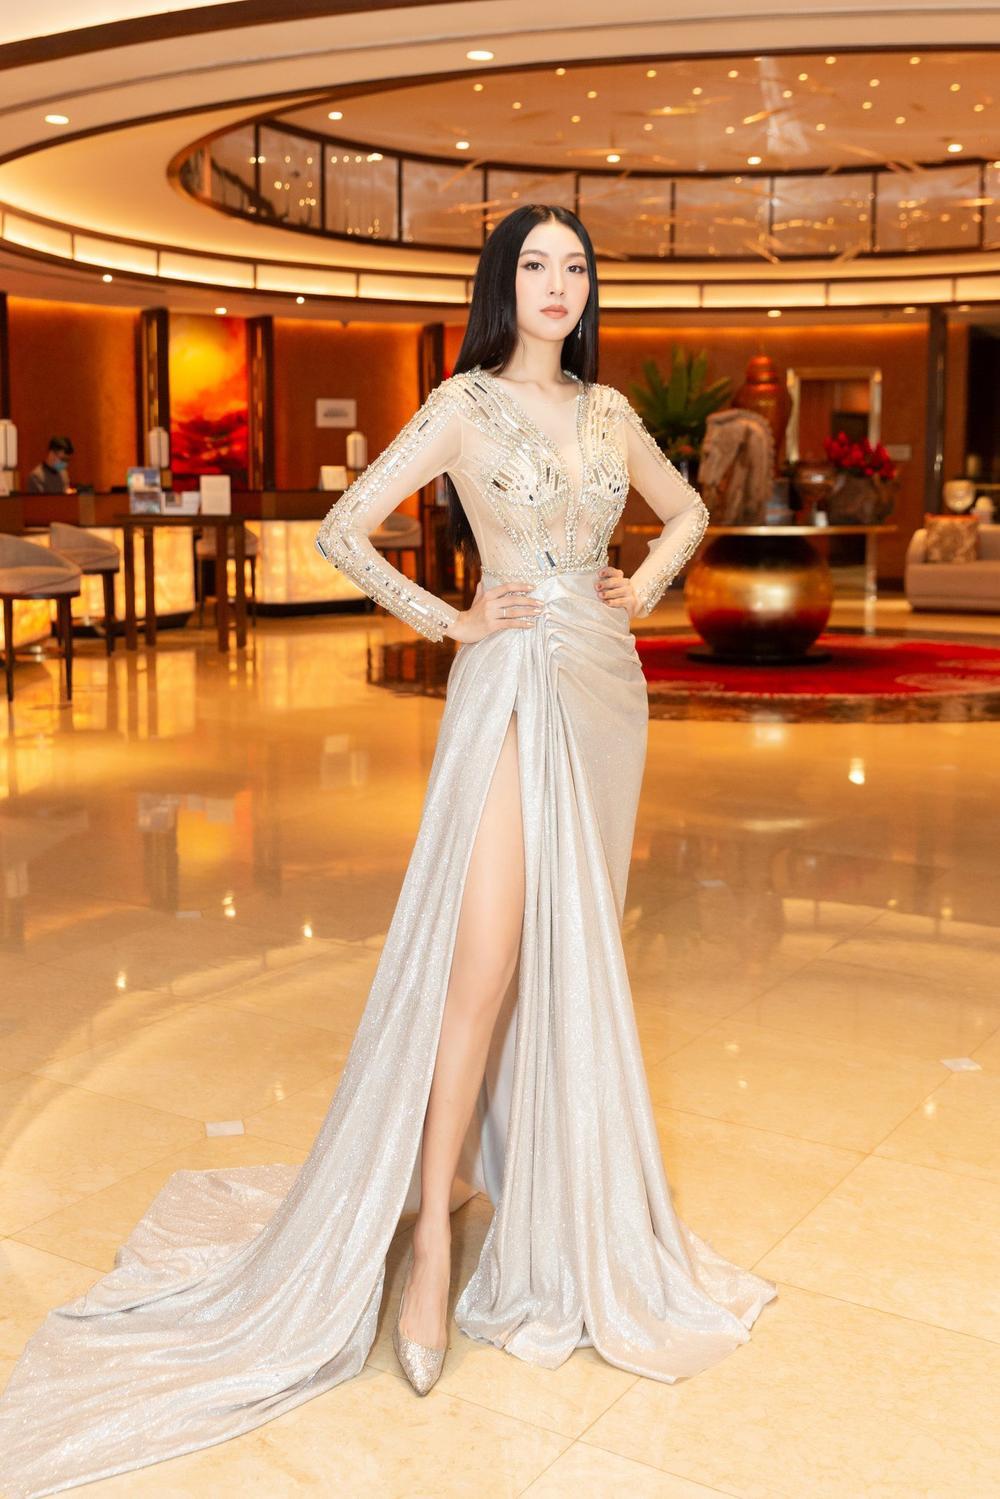 Á hậu Thúy Vân bùng nổ 'nhan sắc' khi diện váy xuyên thấu đẹp hoàn hảo Ảnh 2